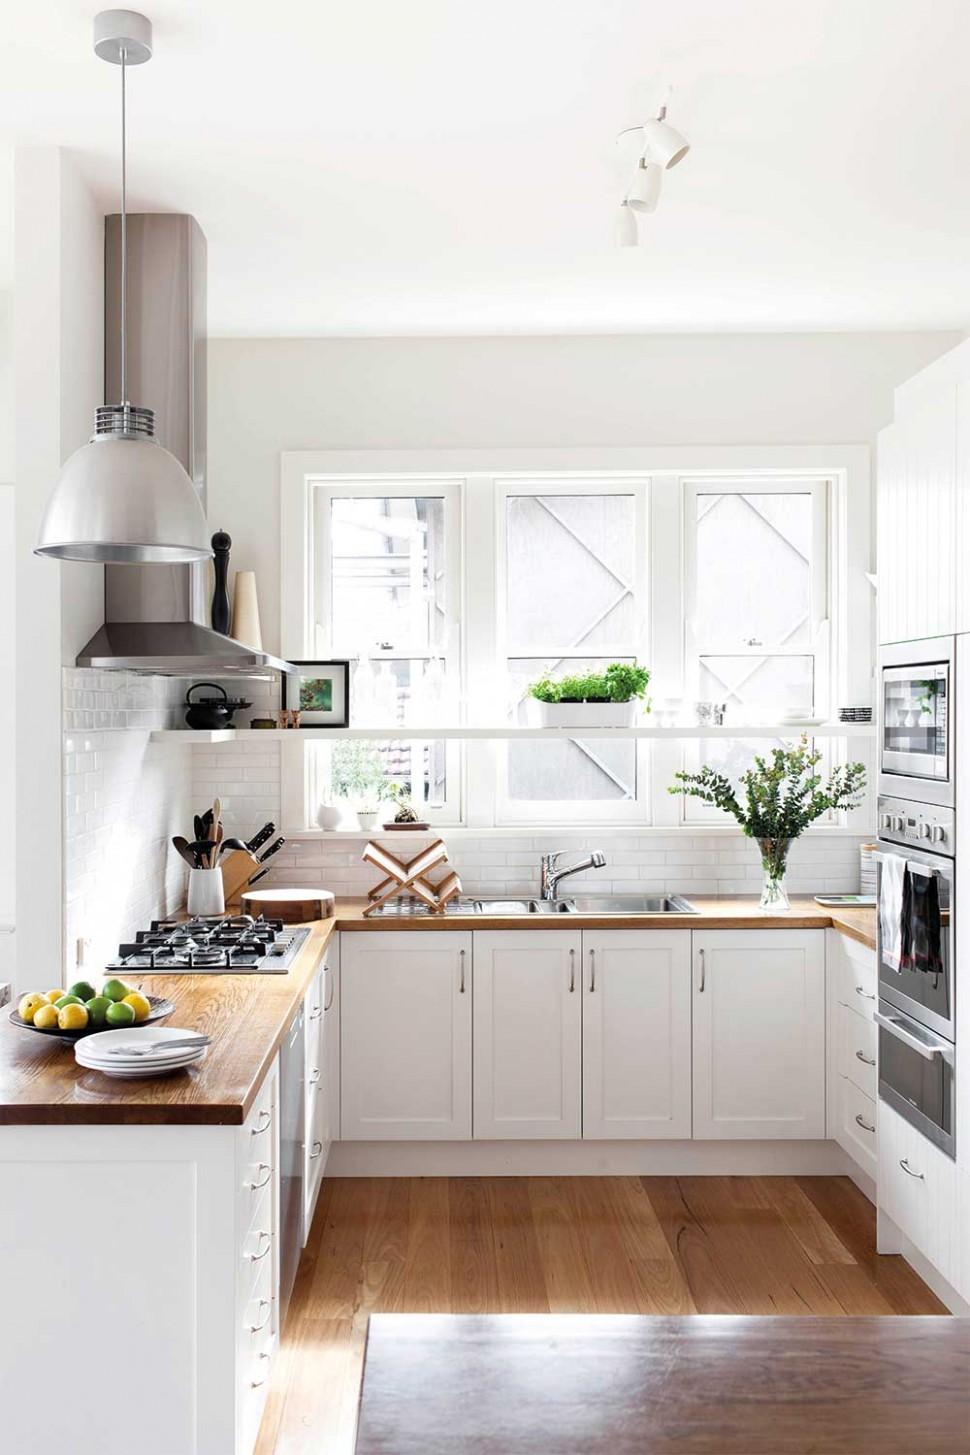 Best Kitchen Design Ideas for New Kitchen Inspiration  Home  - Apartment Kitchen Design Sydney